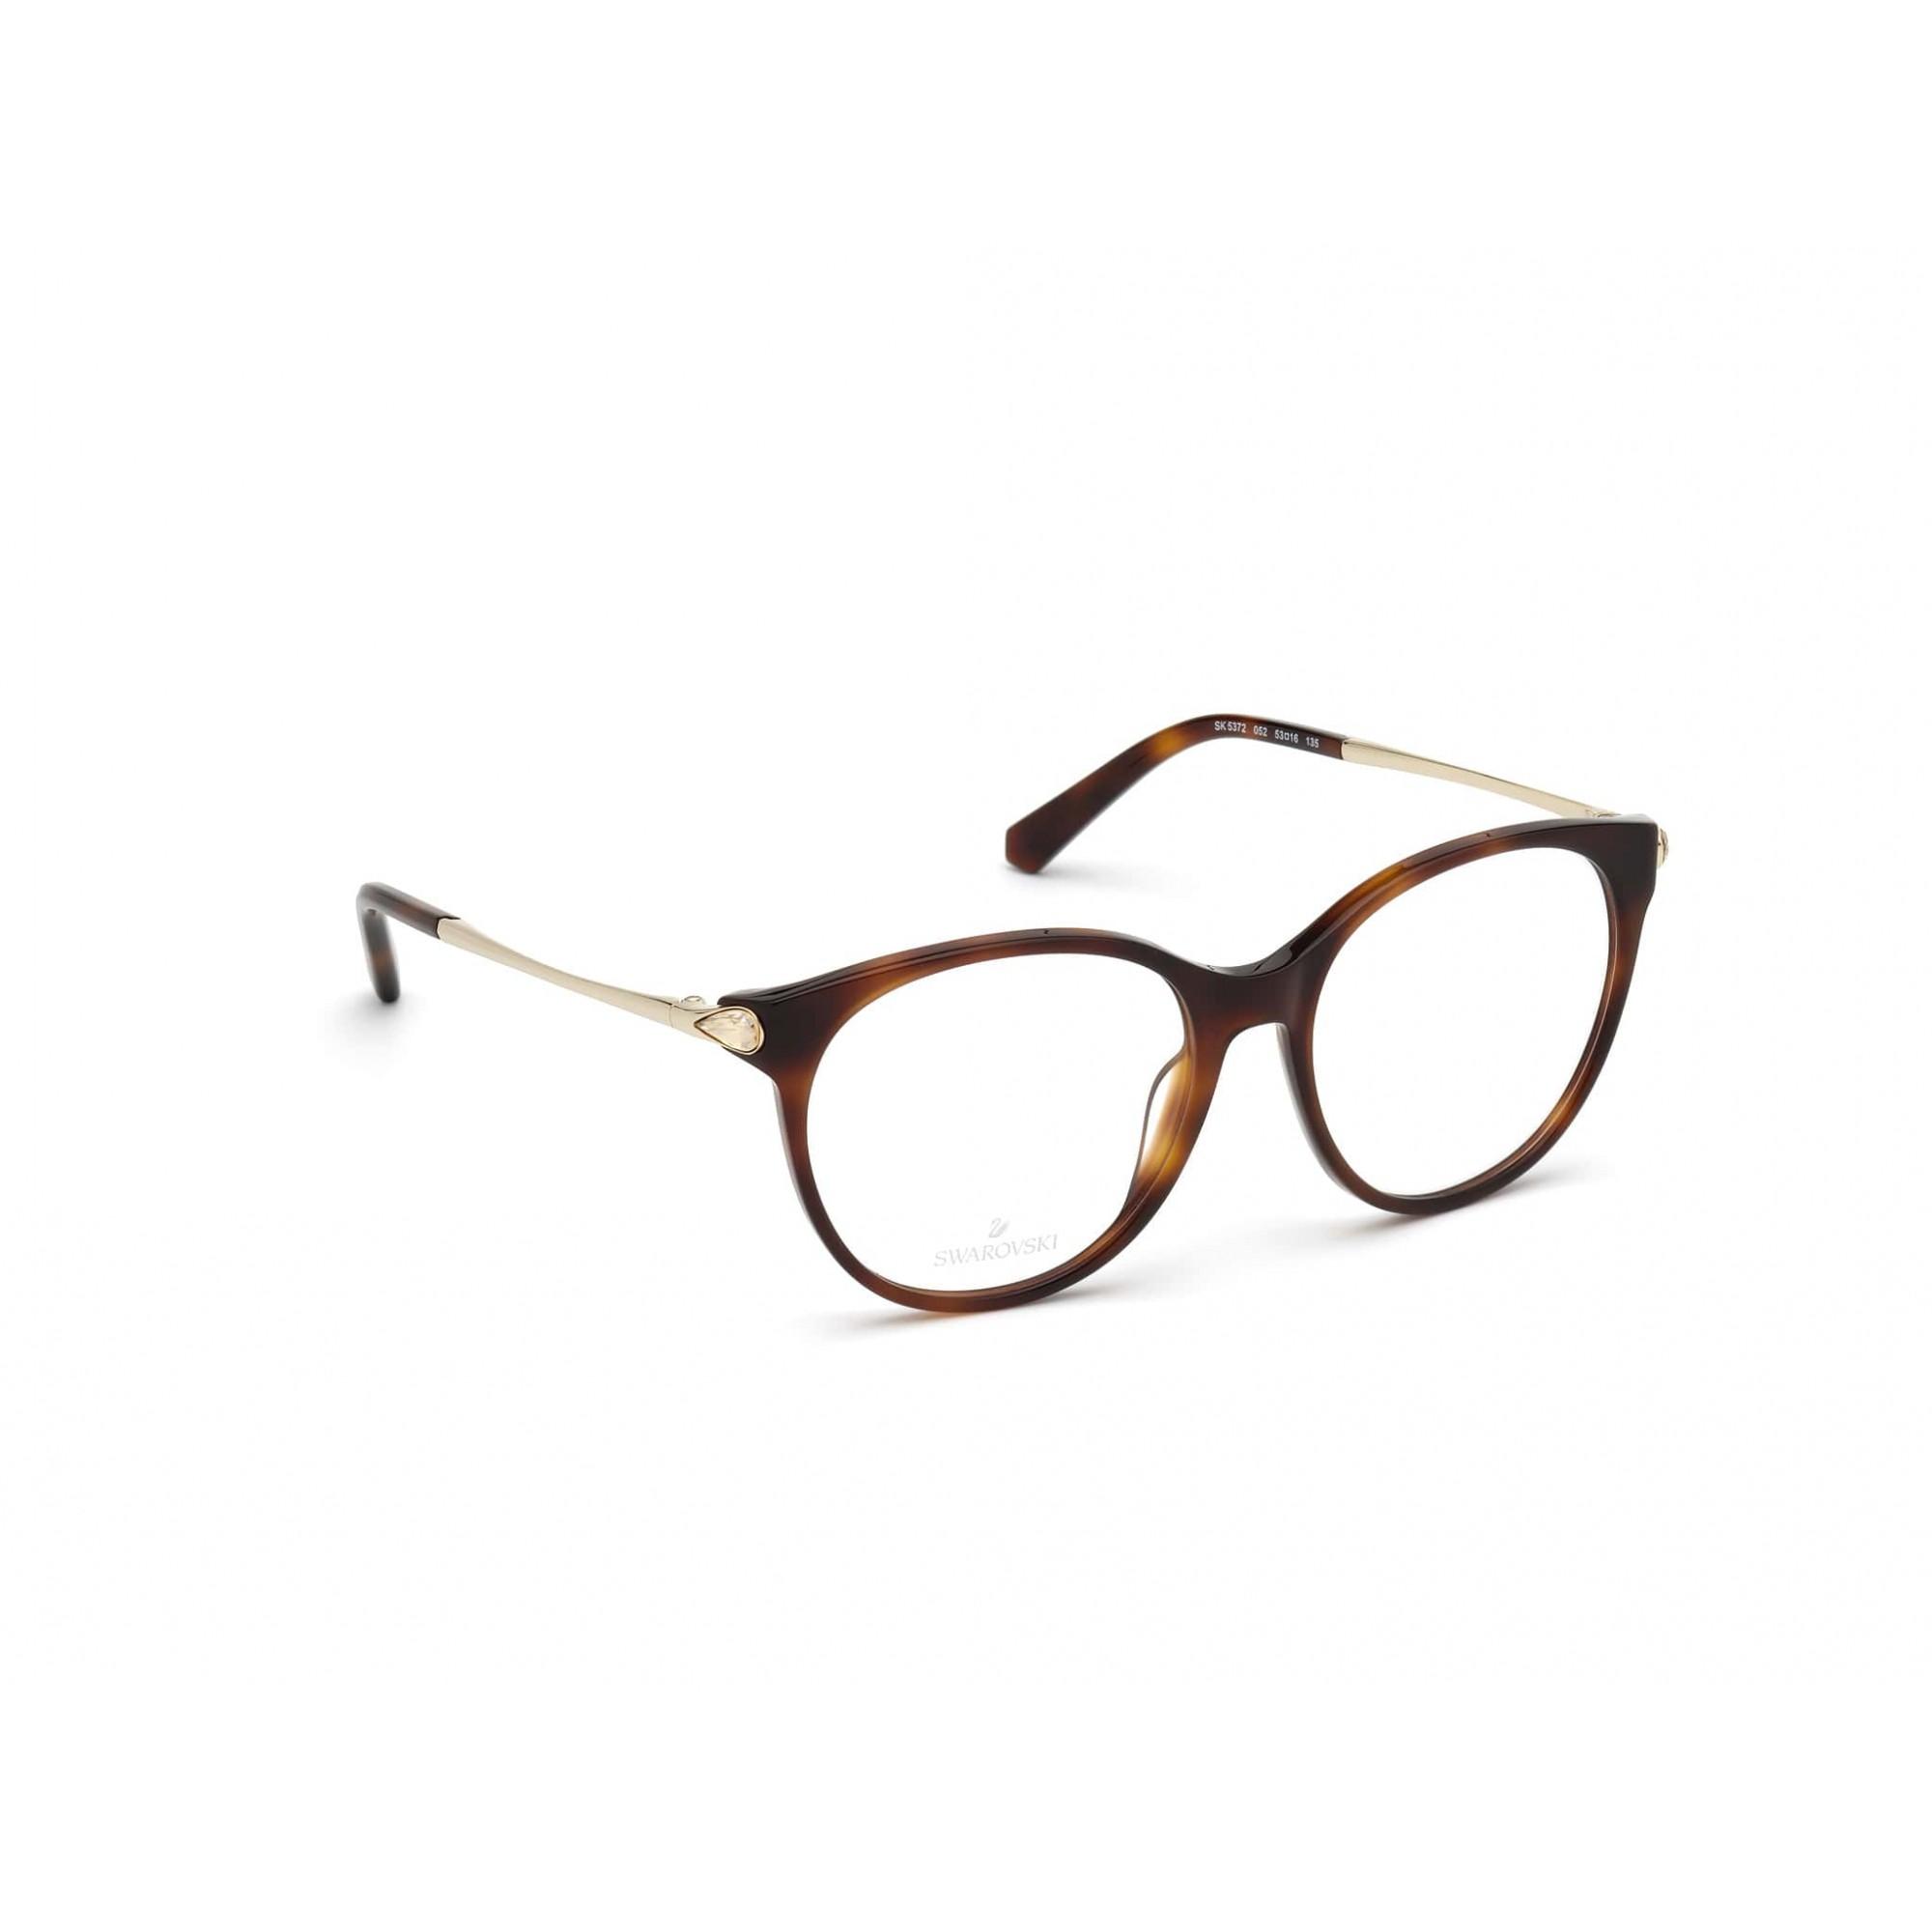 Swarovski - SK5372 052 53 - Óculos de grau